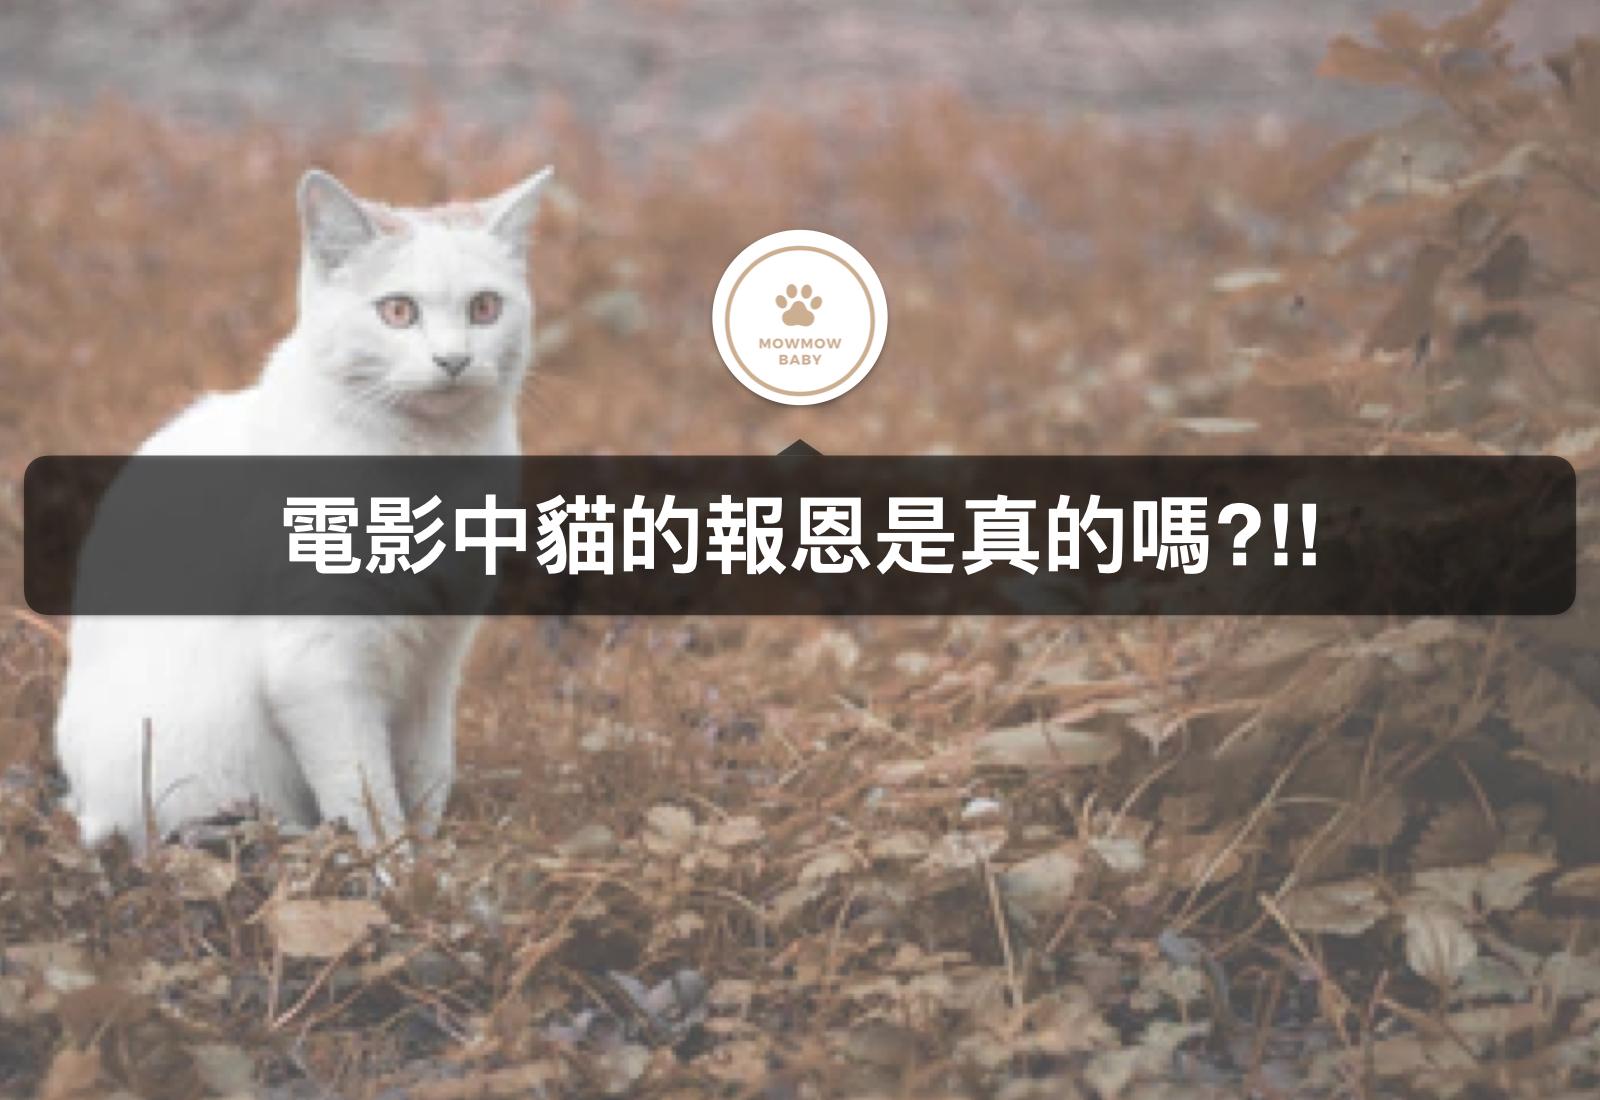 貓咪行為|貓咪送小強是在報恩嗎?!